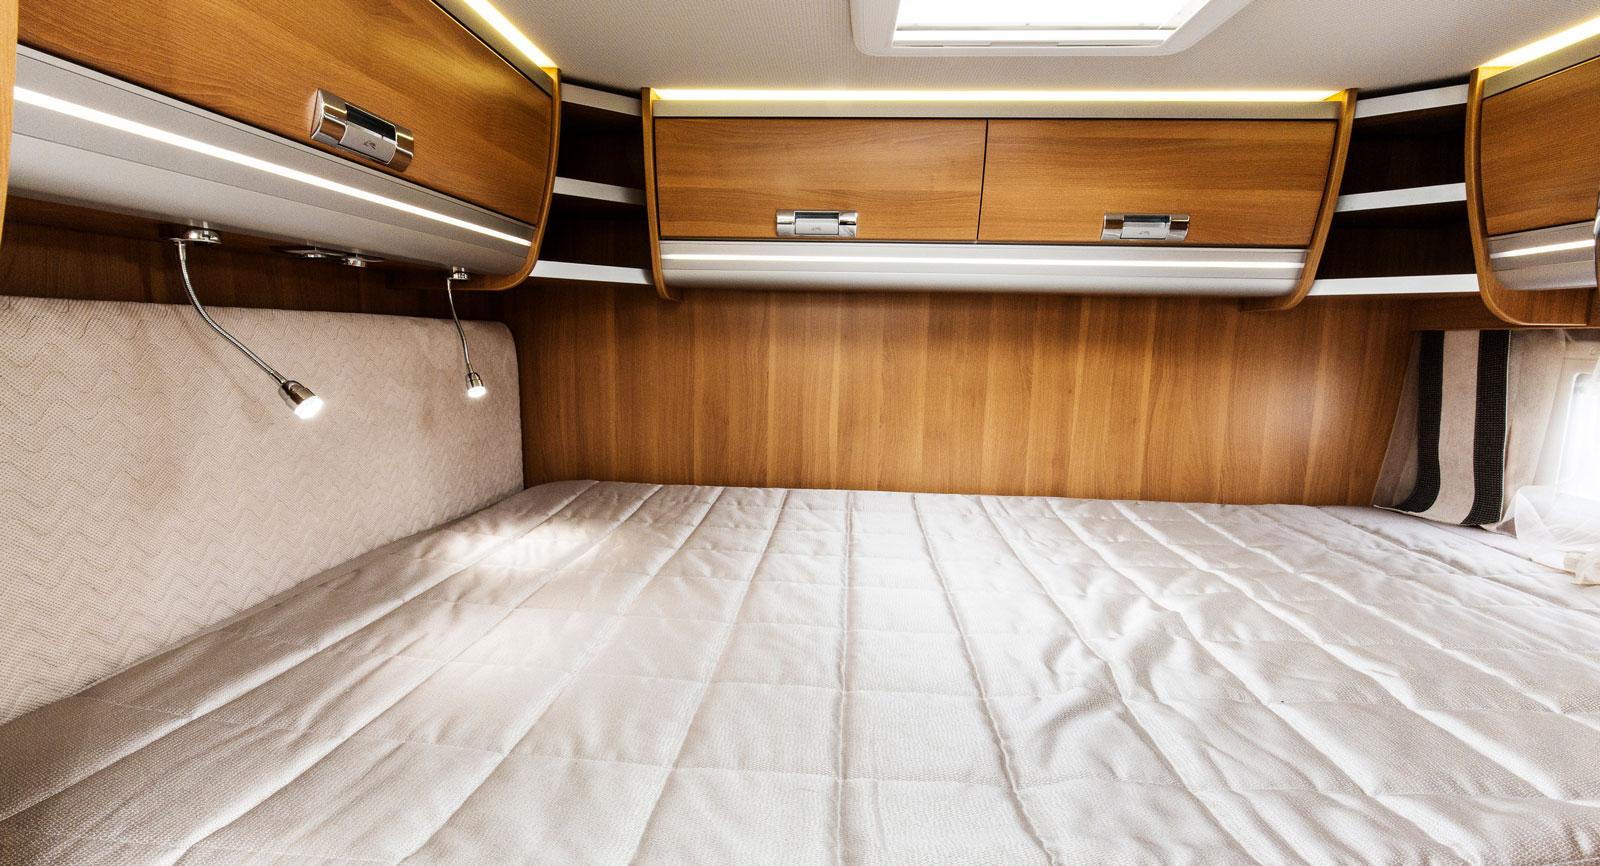 Hissbar. Den bakre sängen kan höjas och sänkas och en säng på tvären ger plats åt annat. Den är däremot krånglig att bädda.